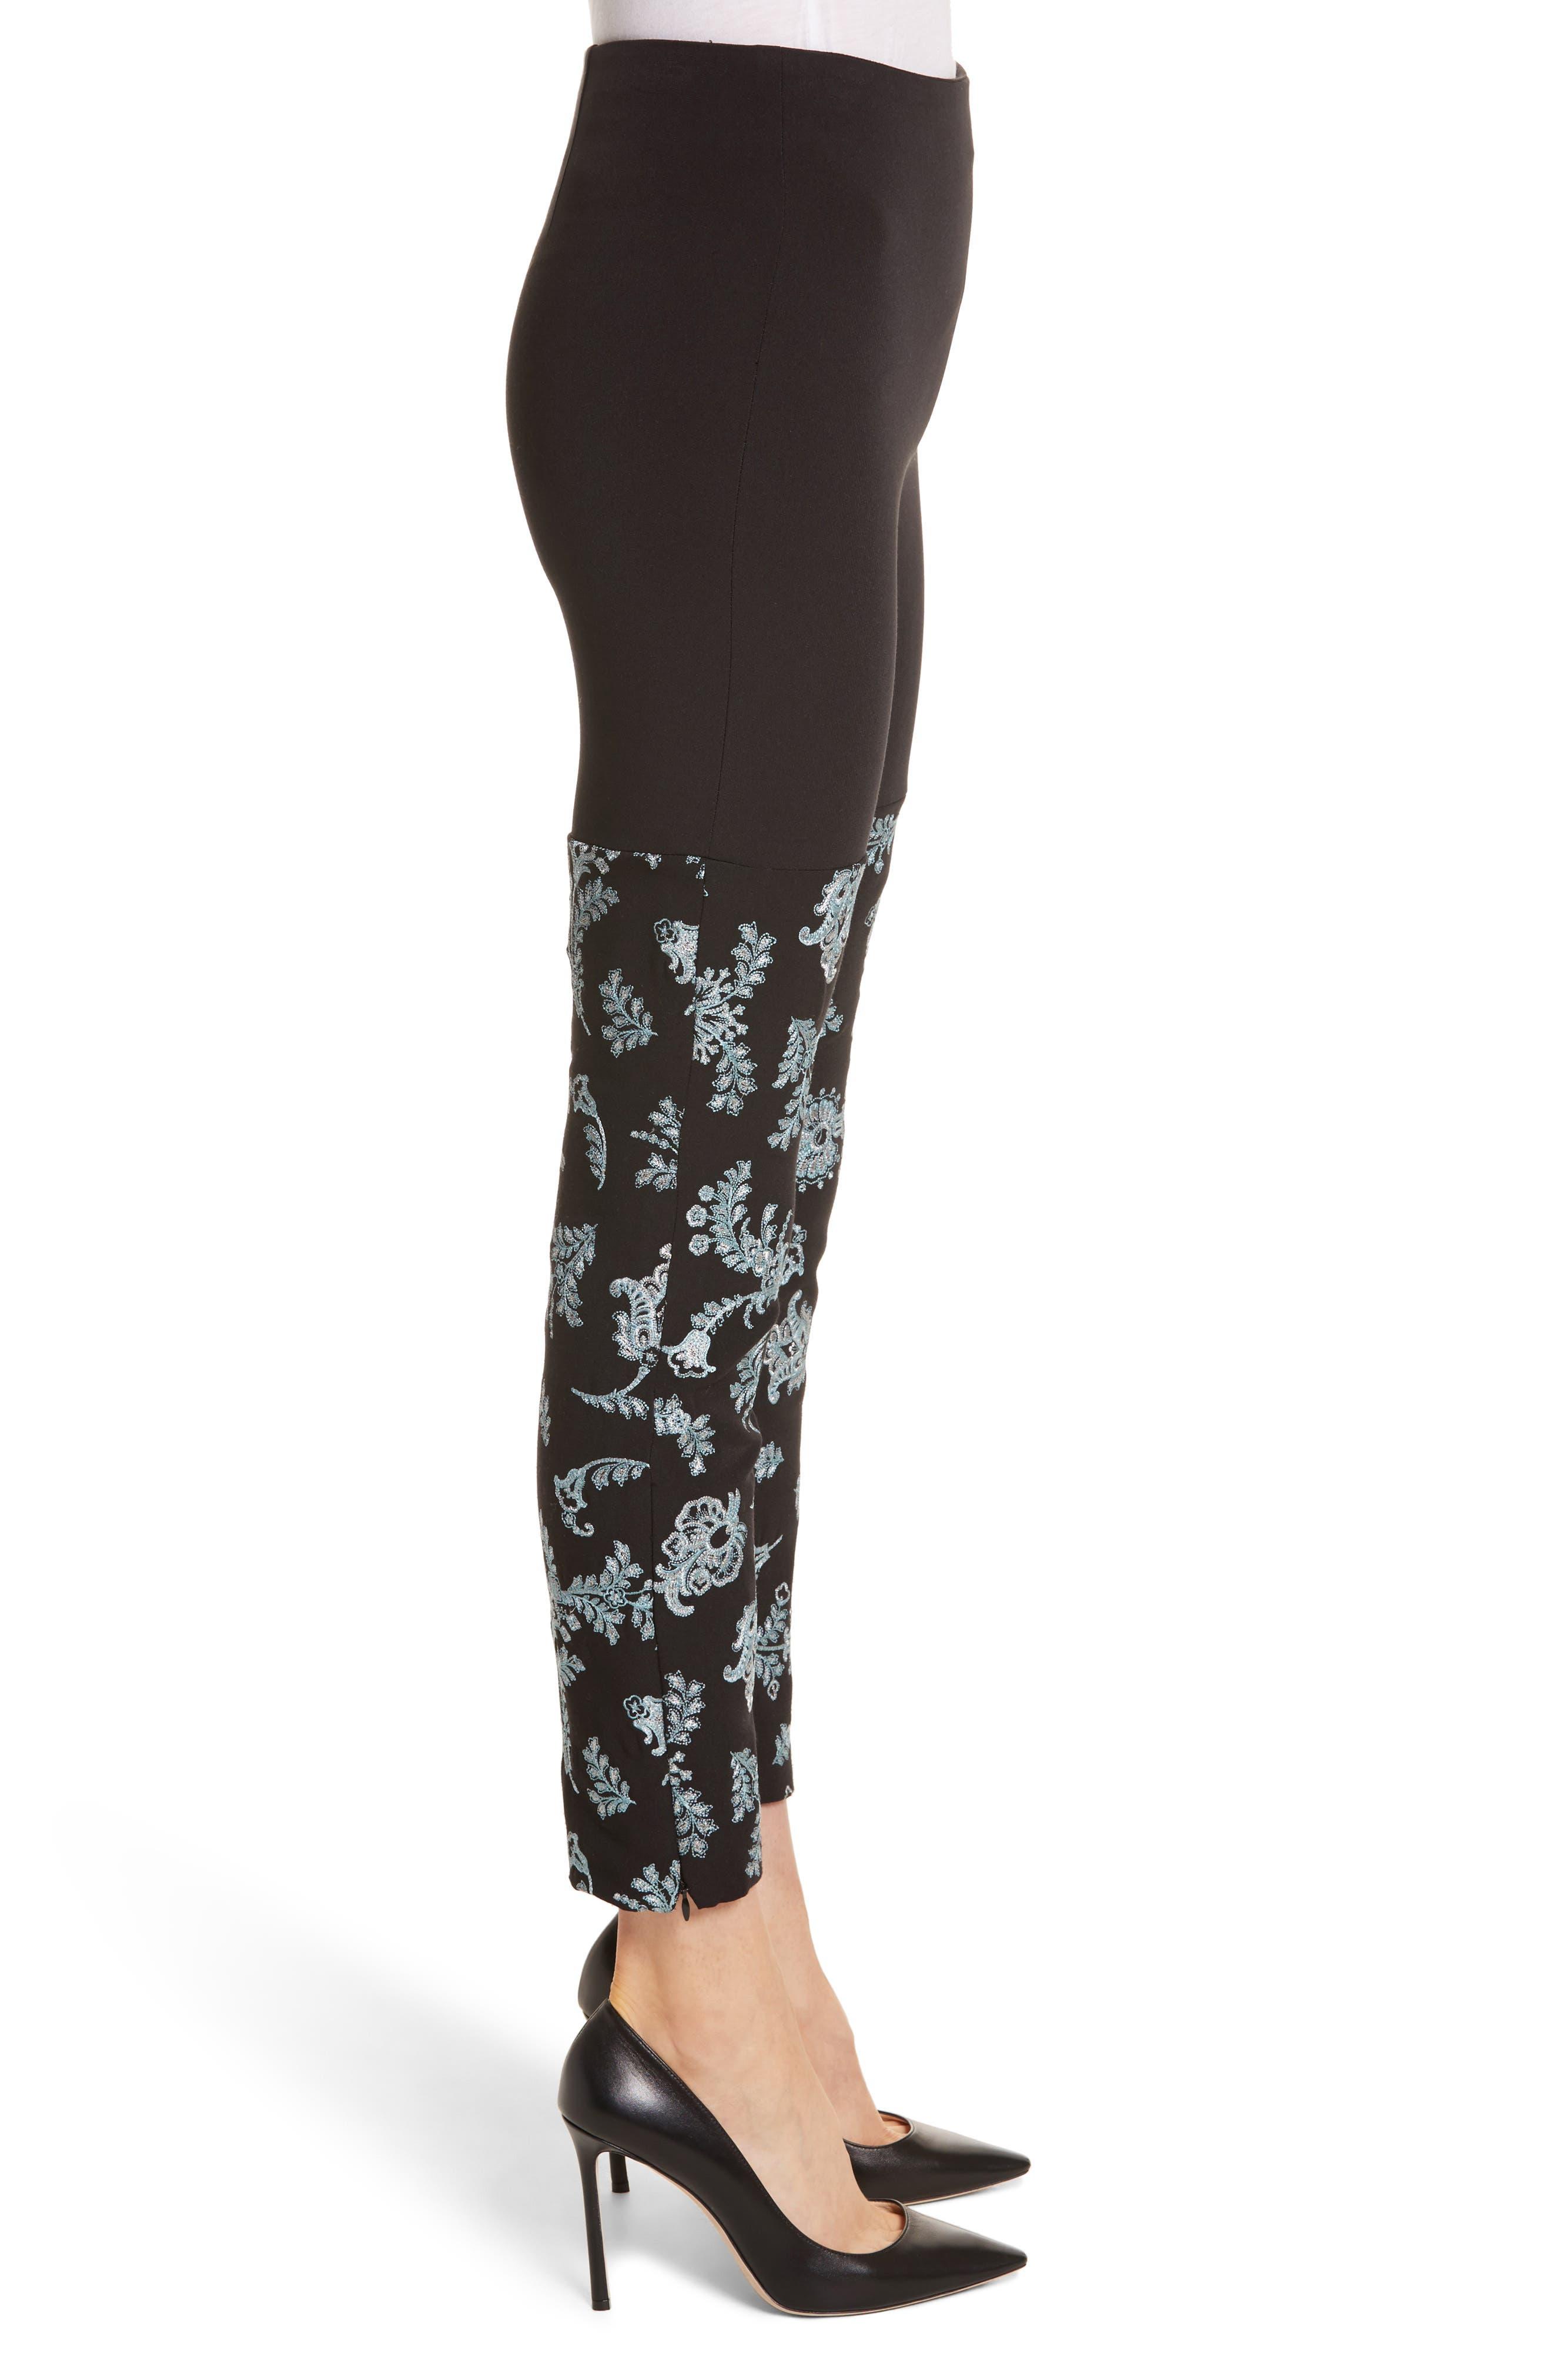 Marin Embroidered Leggings,                             Alternate thumbnail 4, color,                             Black/ Silver/ Sunshower